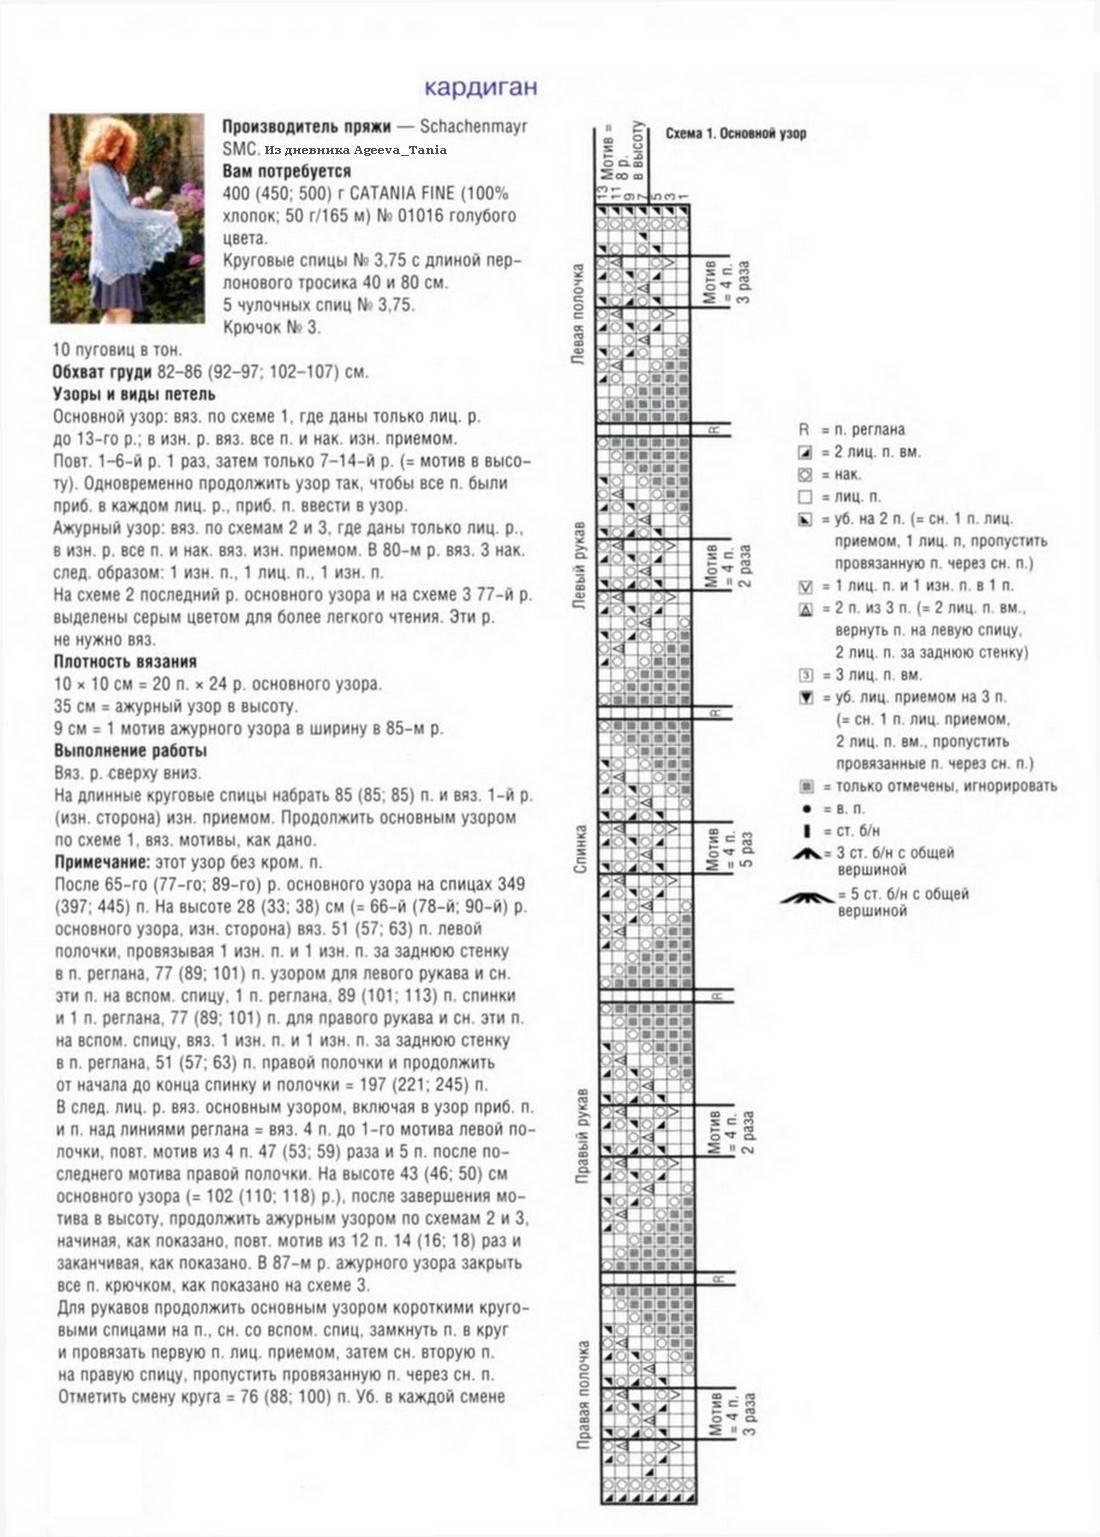 Кардиган нежная лилия схема вязания